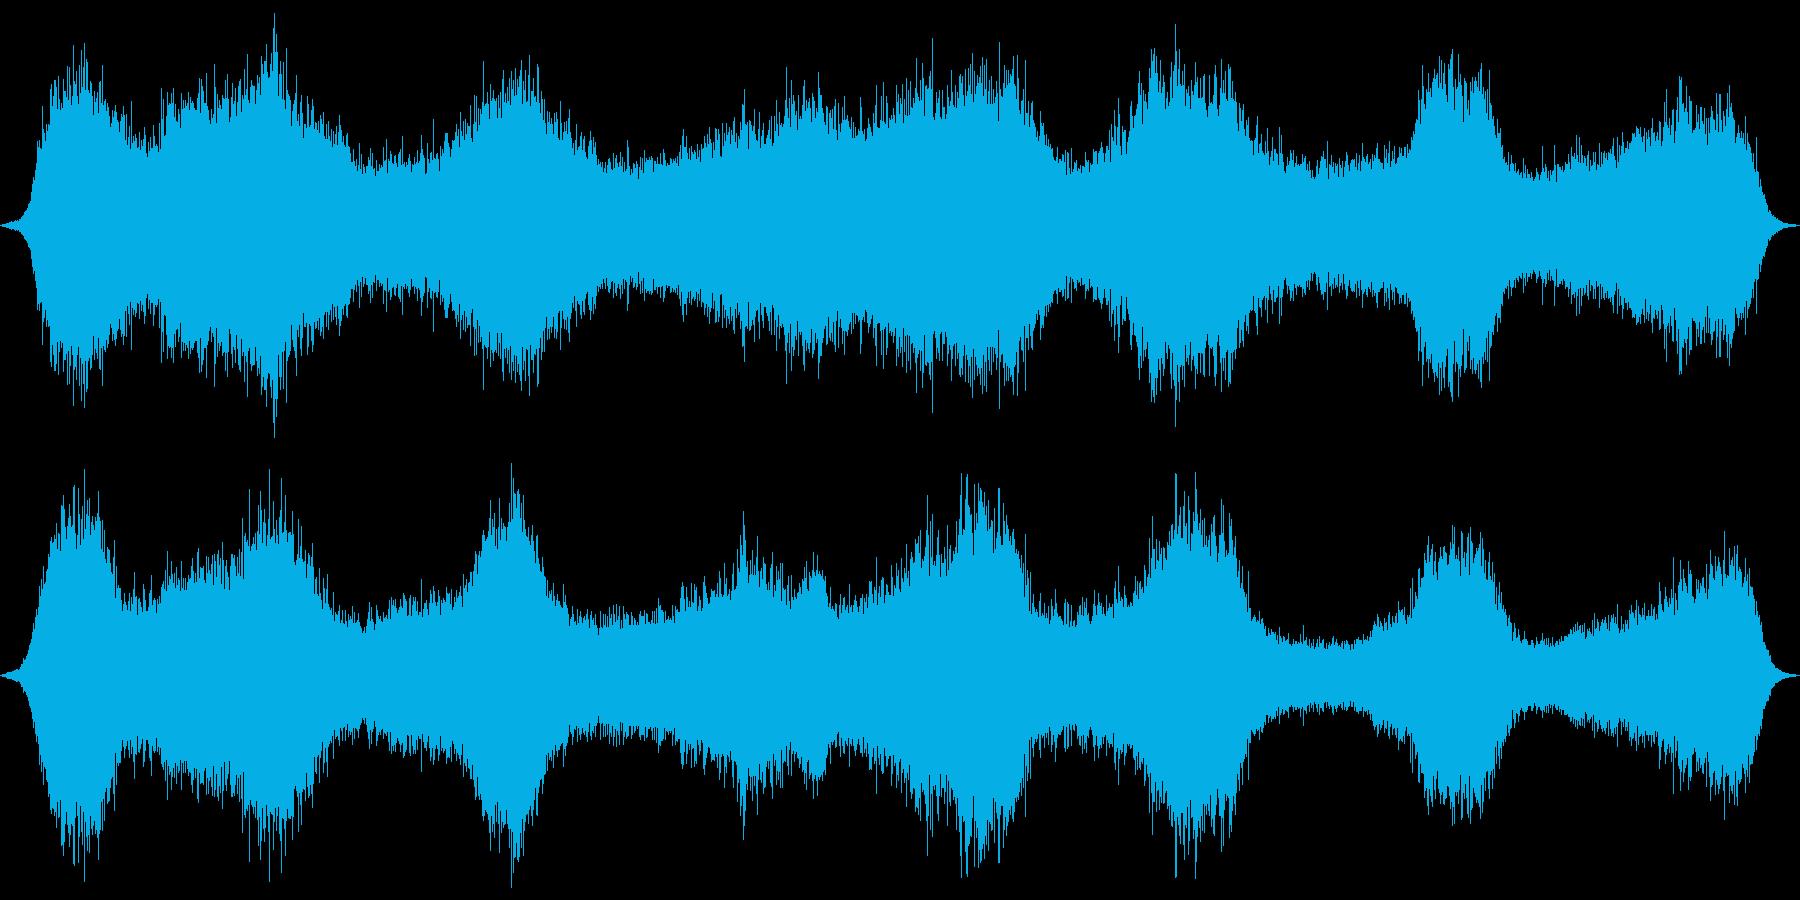 砂浜の波打ち際、近いやや激しめの波音の再生済みの波形